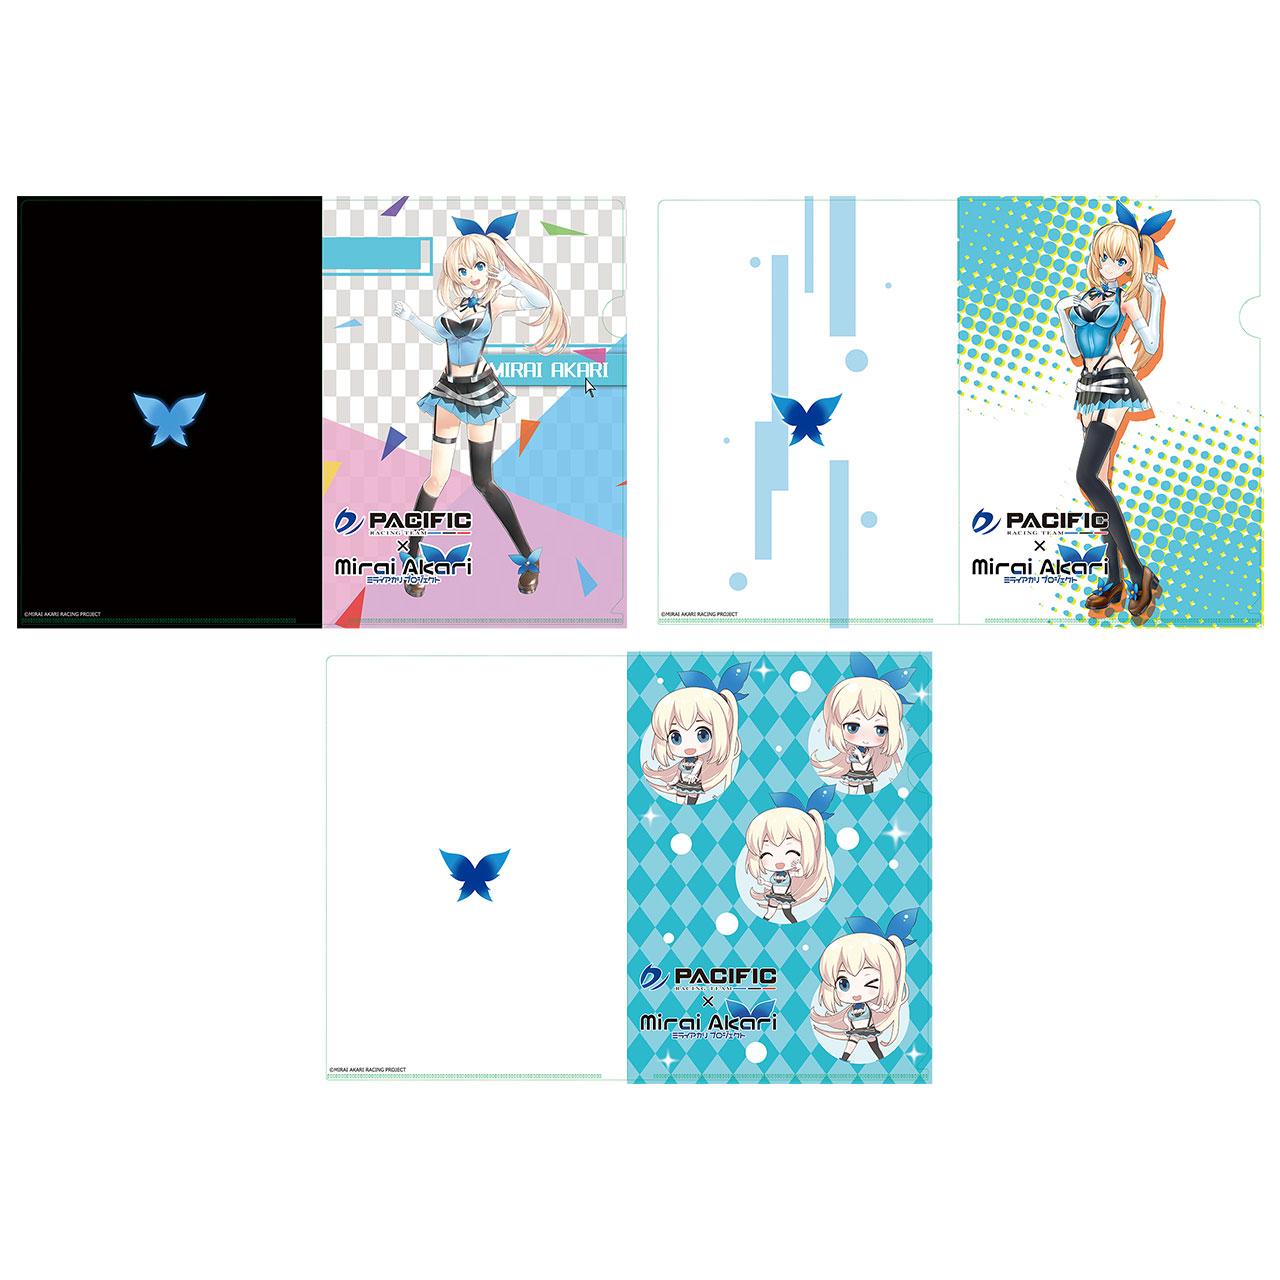 【数量限定】パシフィックレーシングチーム×ミライアカリ/クリアファイル オリジナルVer.